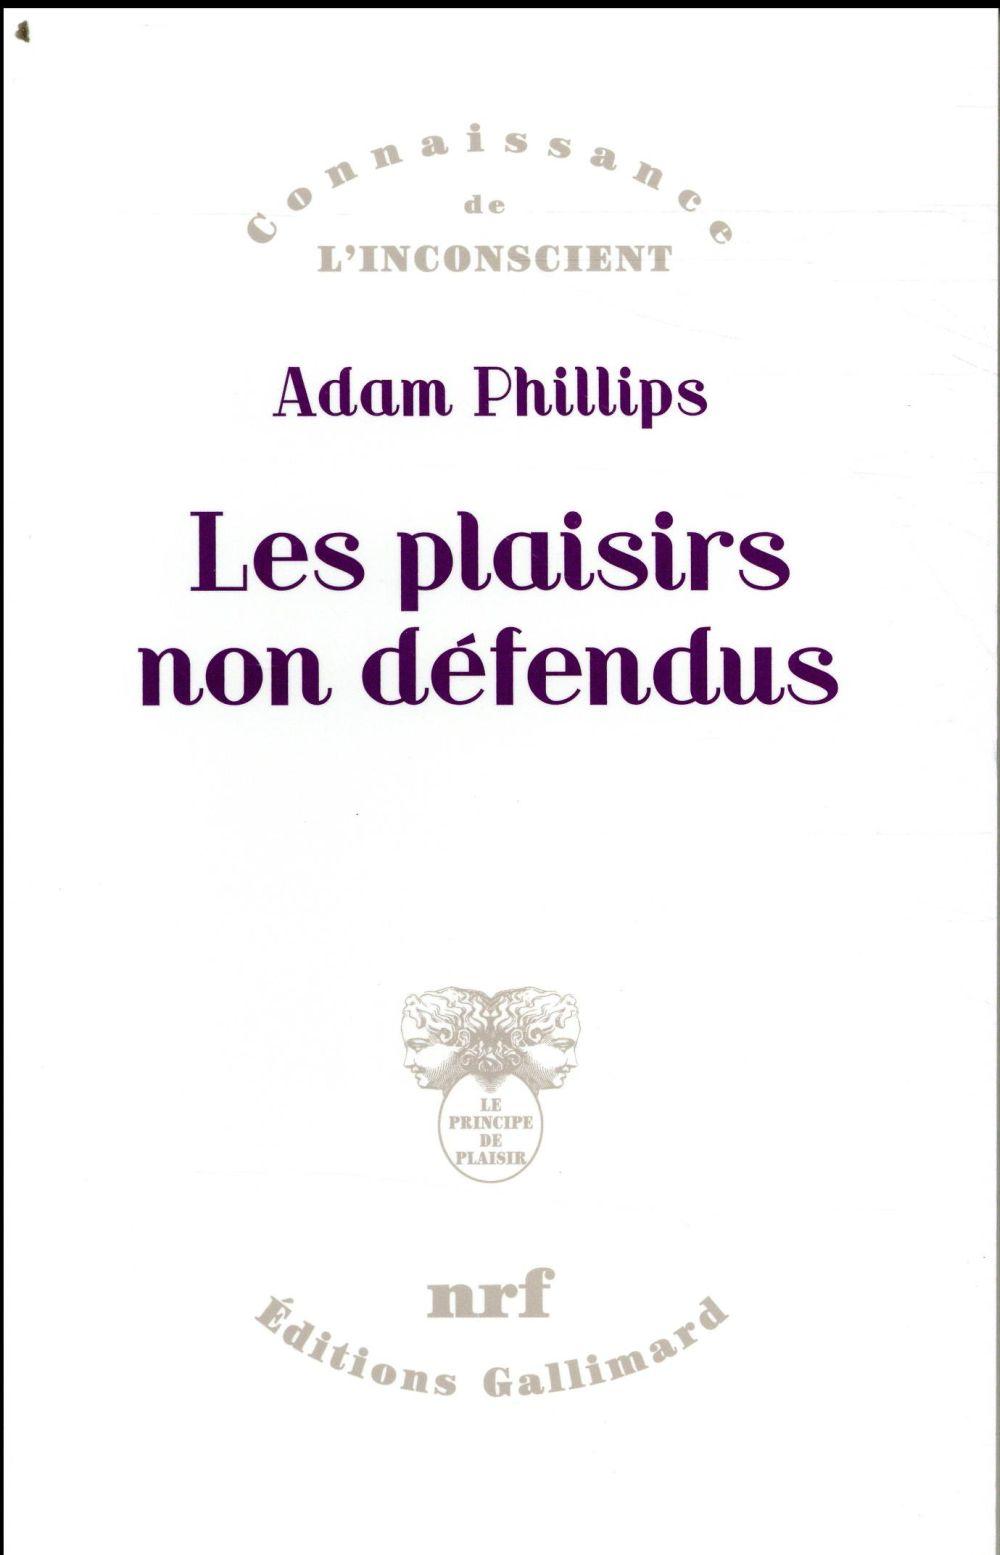 Les plaisirs non défendus